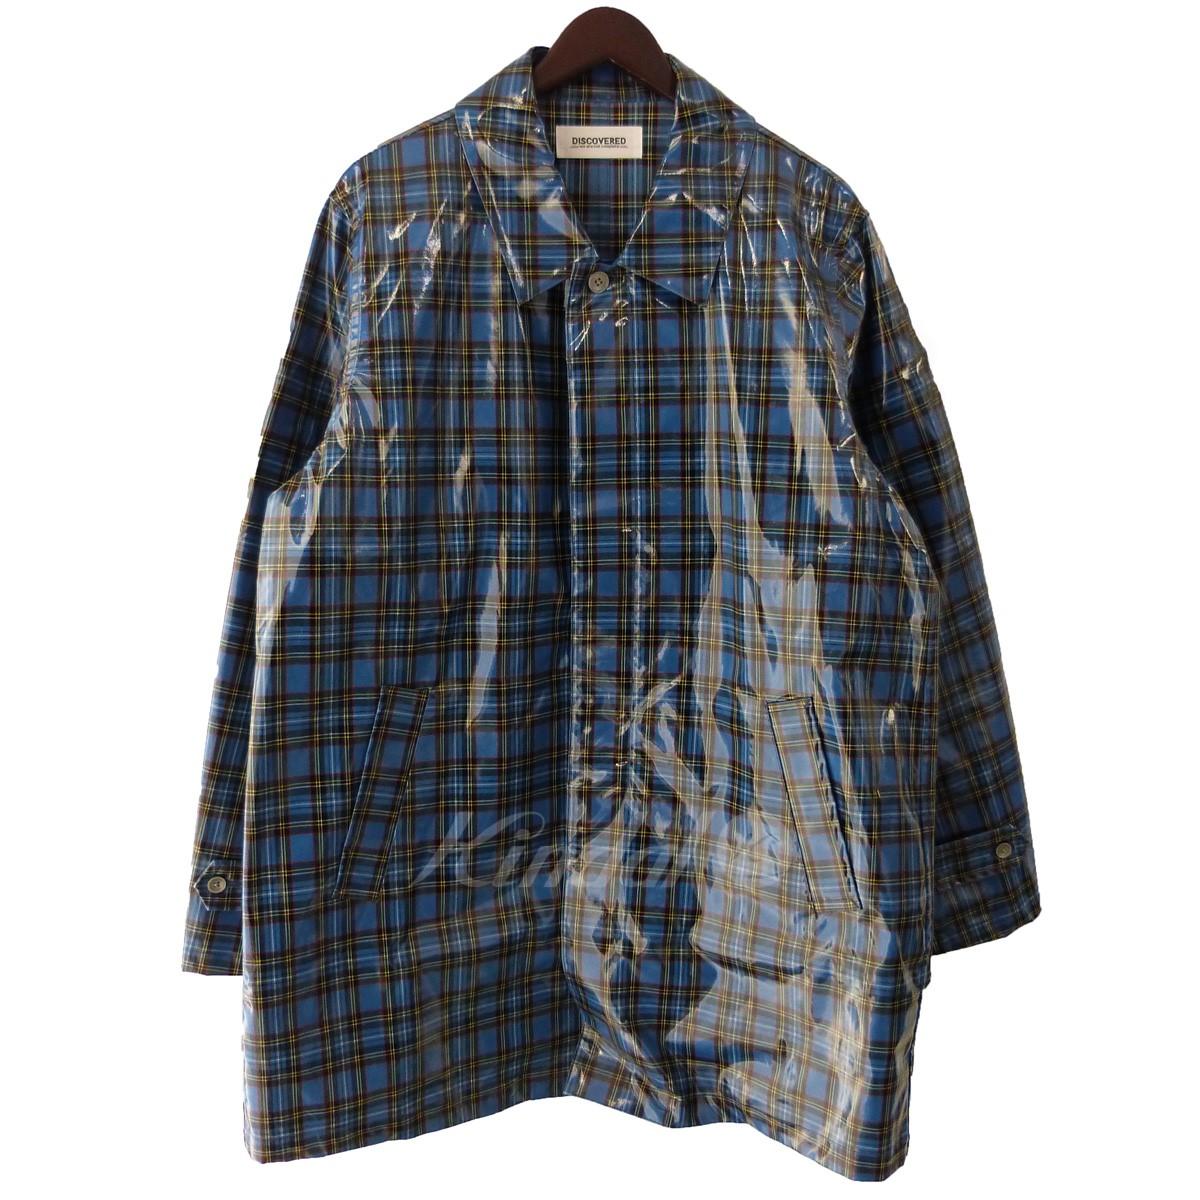 【中古】DISCOVERED 18AW 「PVC coat shirt」PVCチェックシャツコート ブルー サイズ:3 【送料無料】 【030219】(ディスカバード)